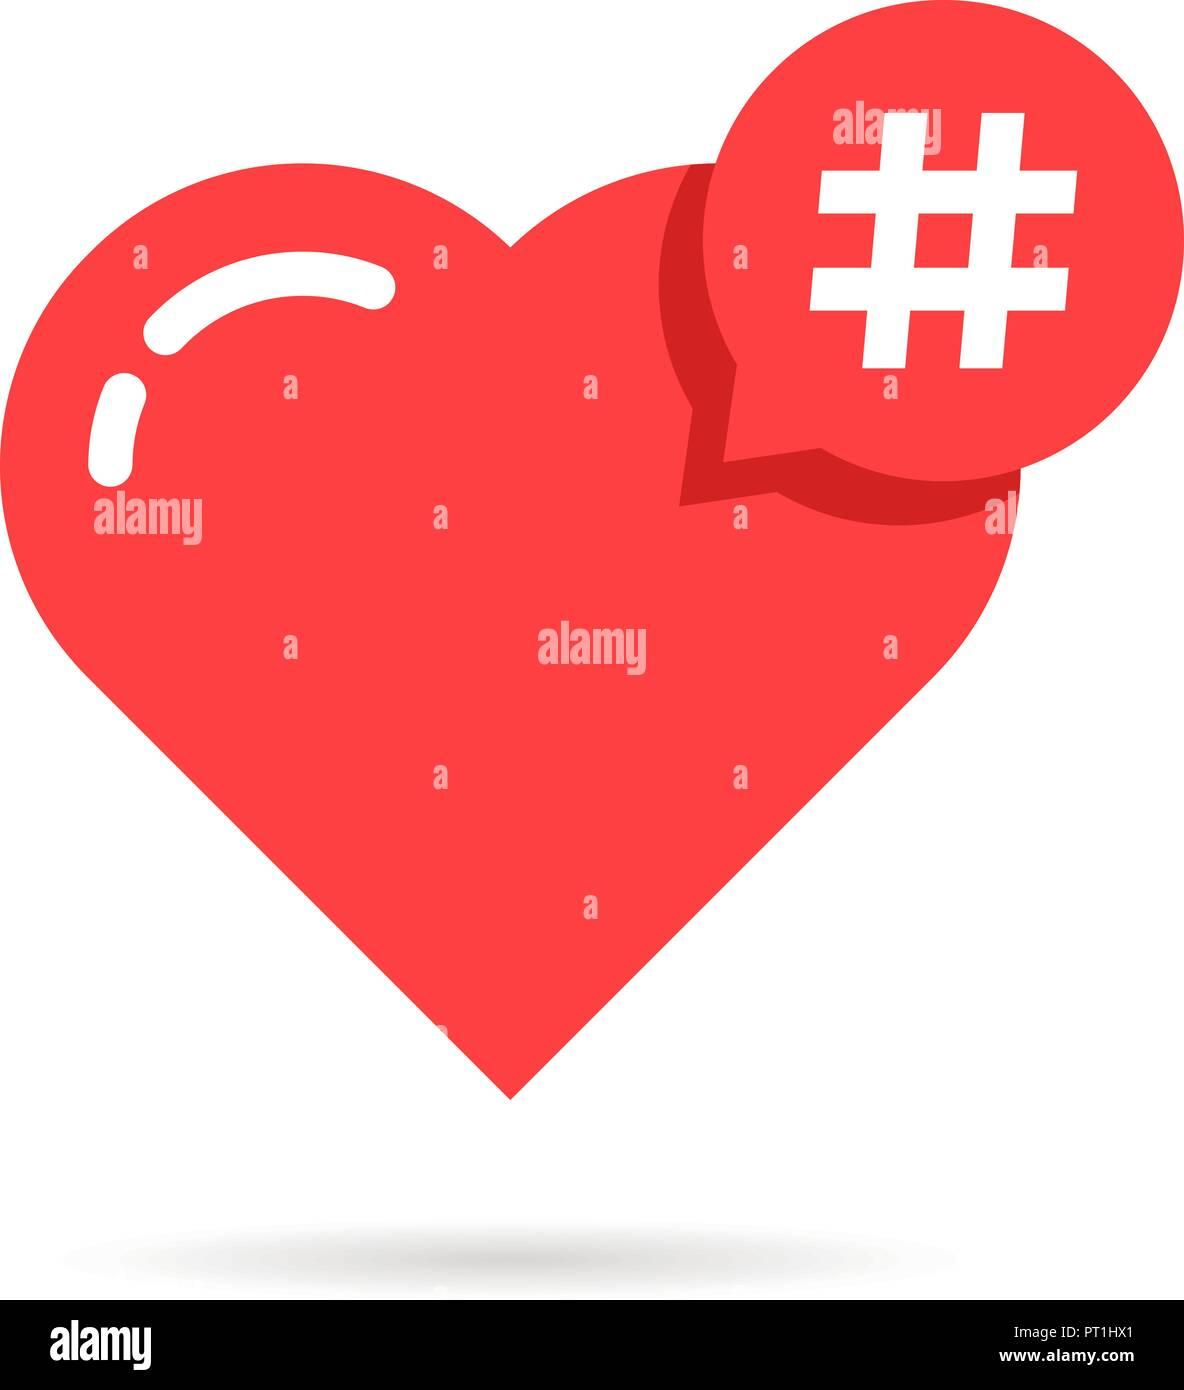 hashtag logo like red heart Stock Vector Art & Illustration